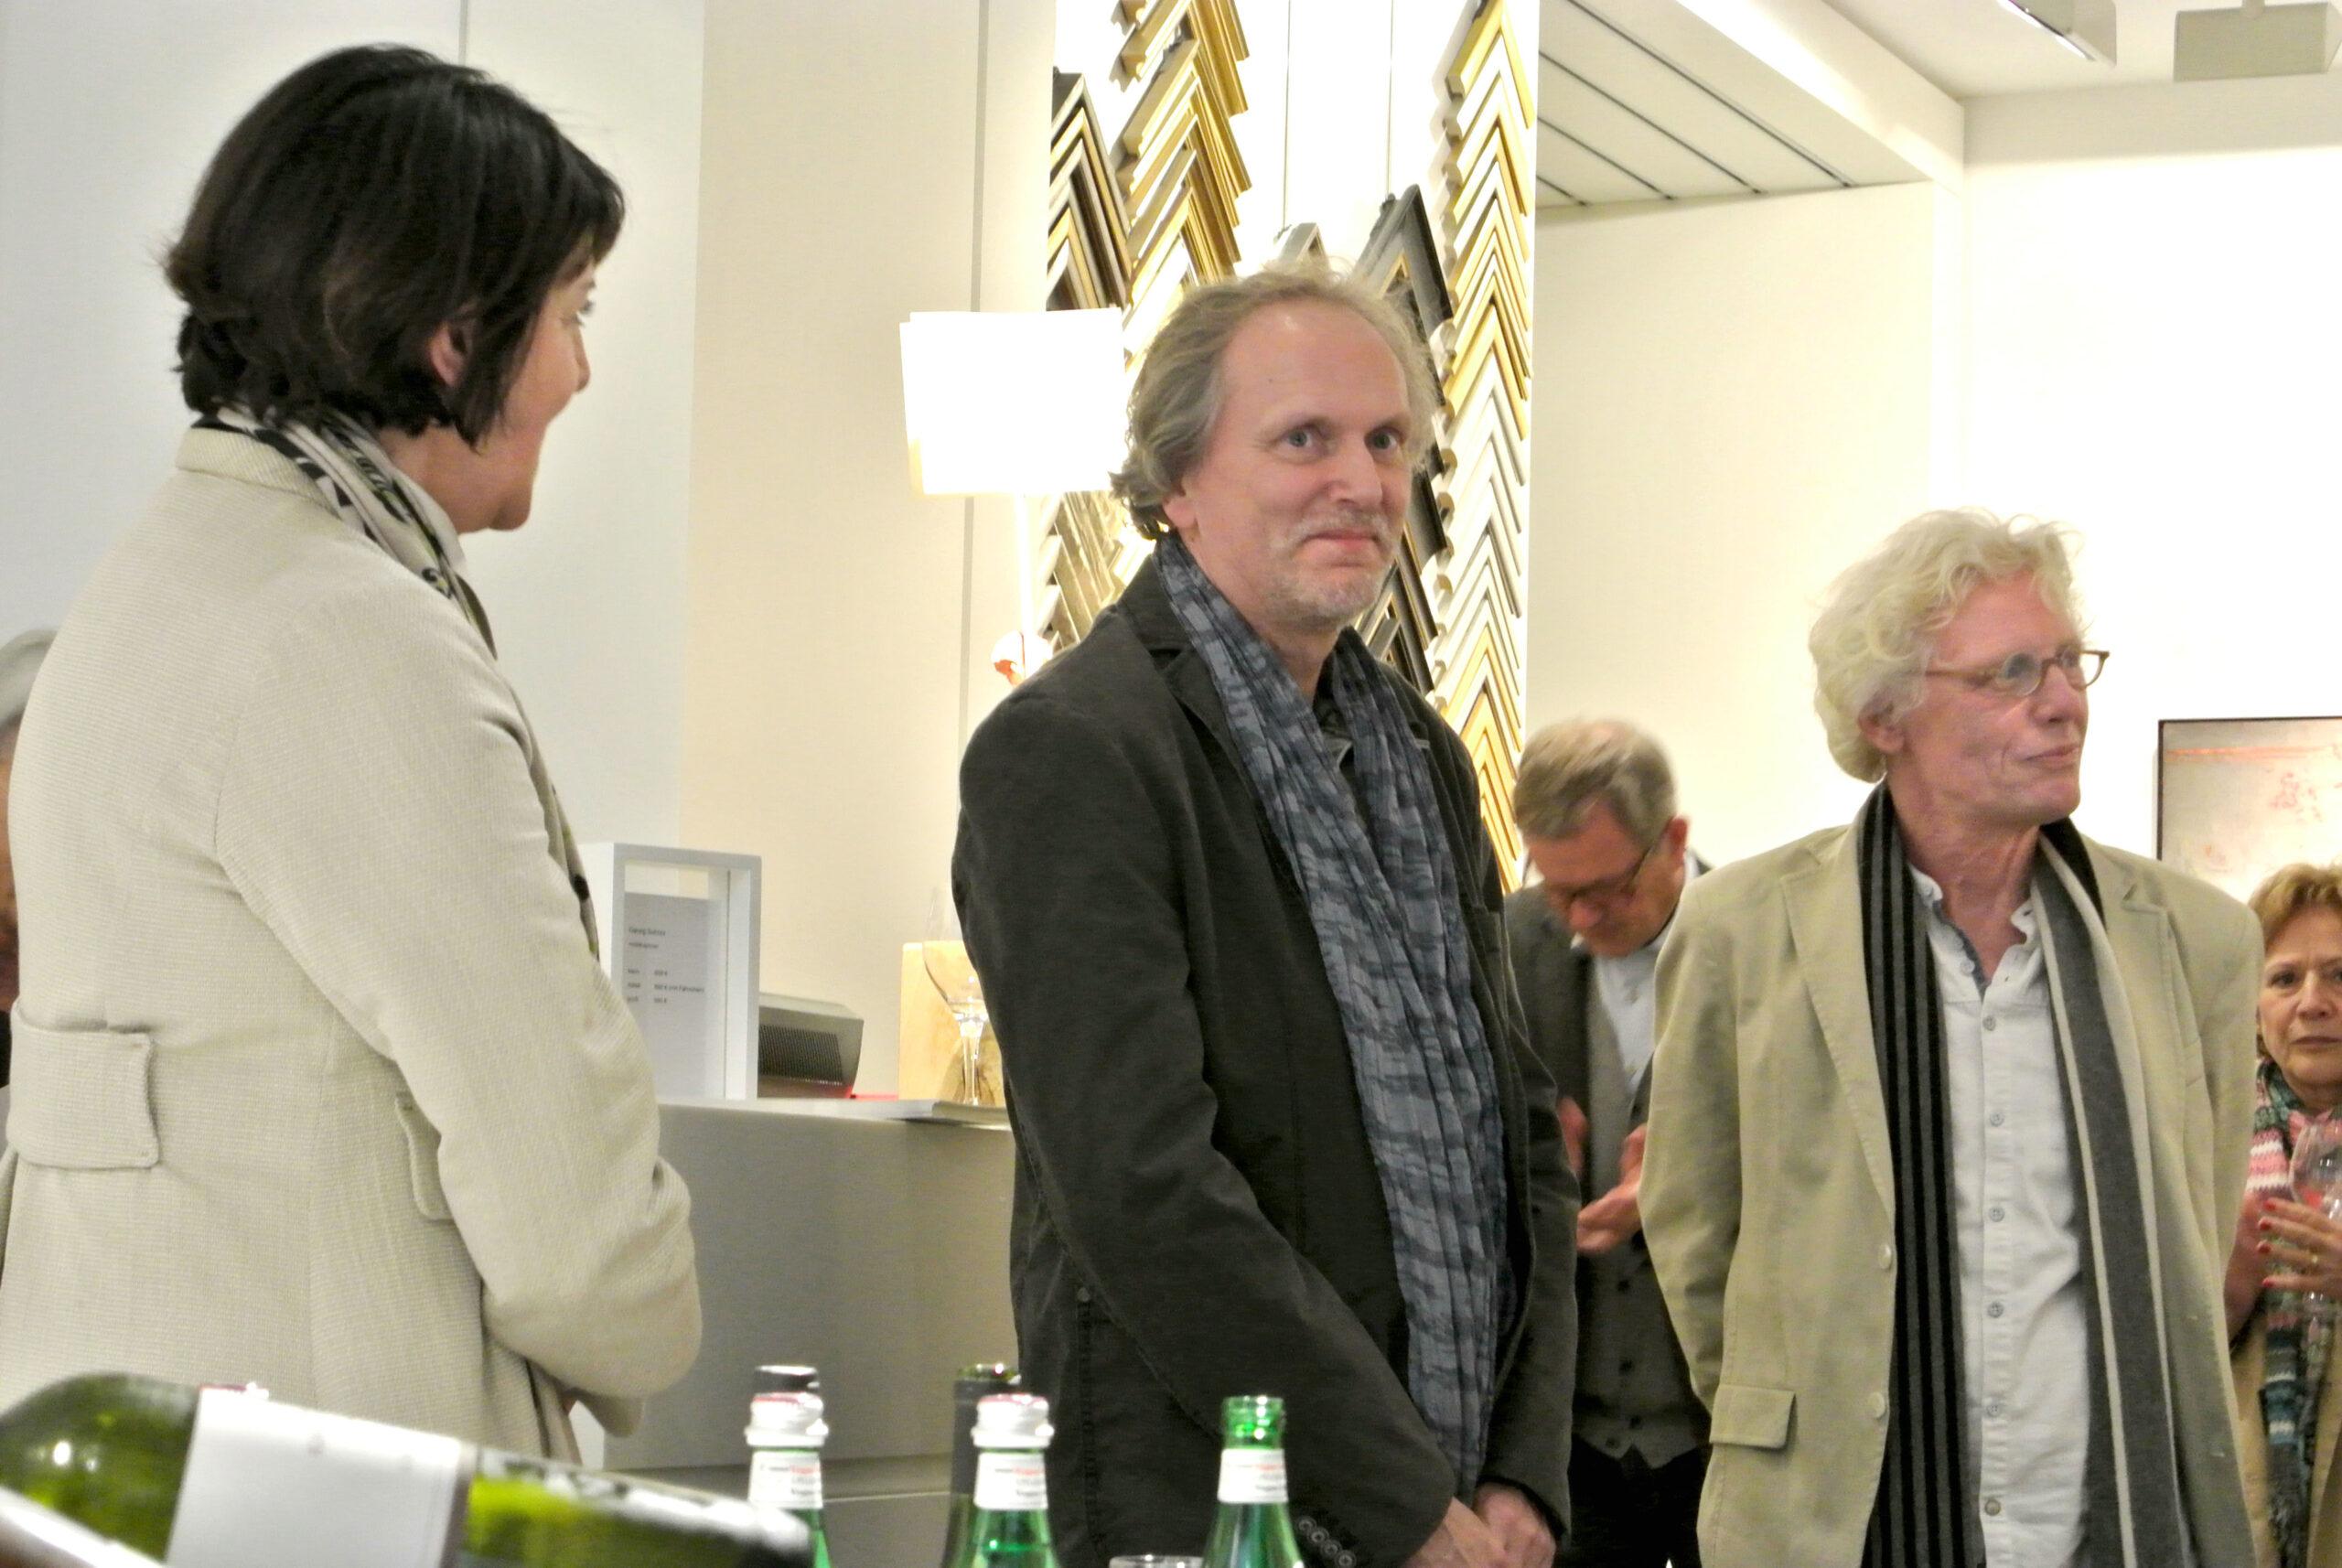 Die Künstler Georg Schulz und Michael und Michael Lauterjung in der Eröffnung der Ausstellung ©Galerie Voigt